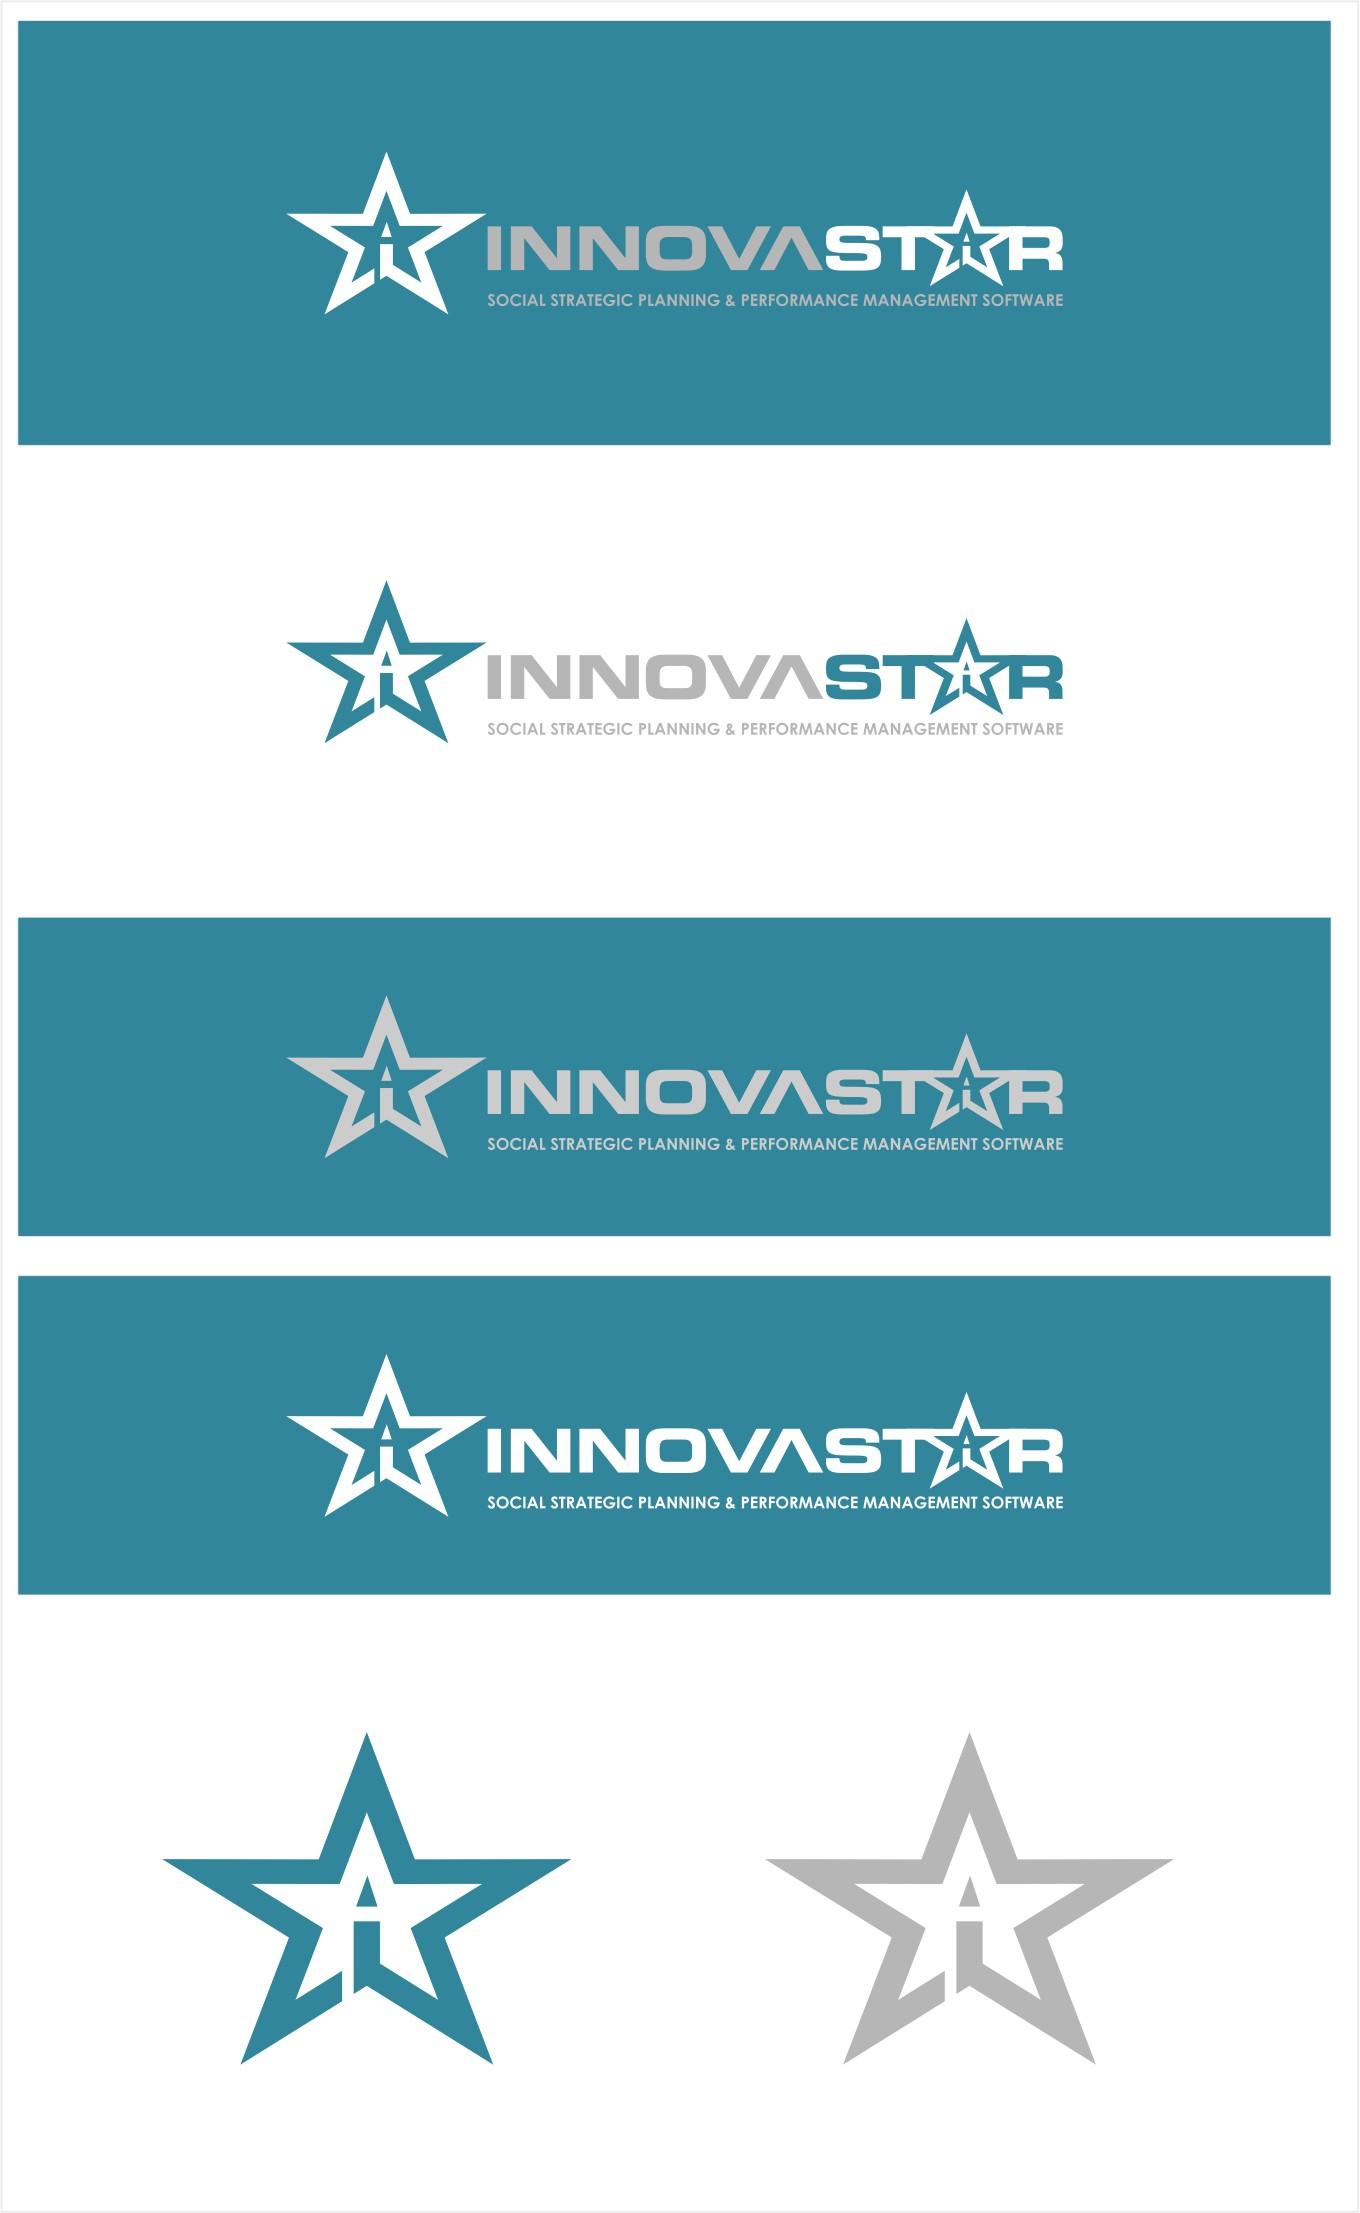 logo for innovastar